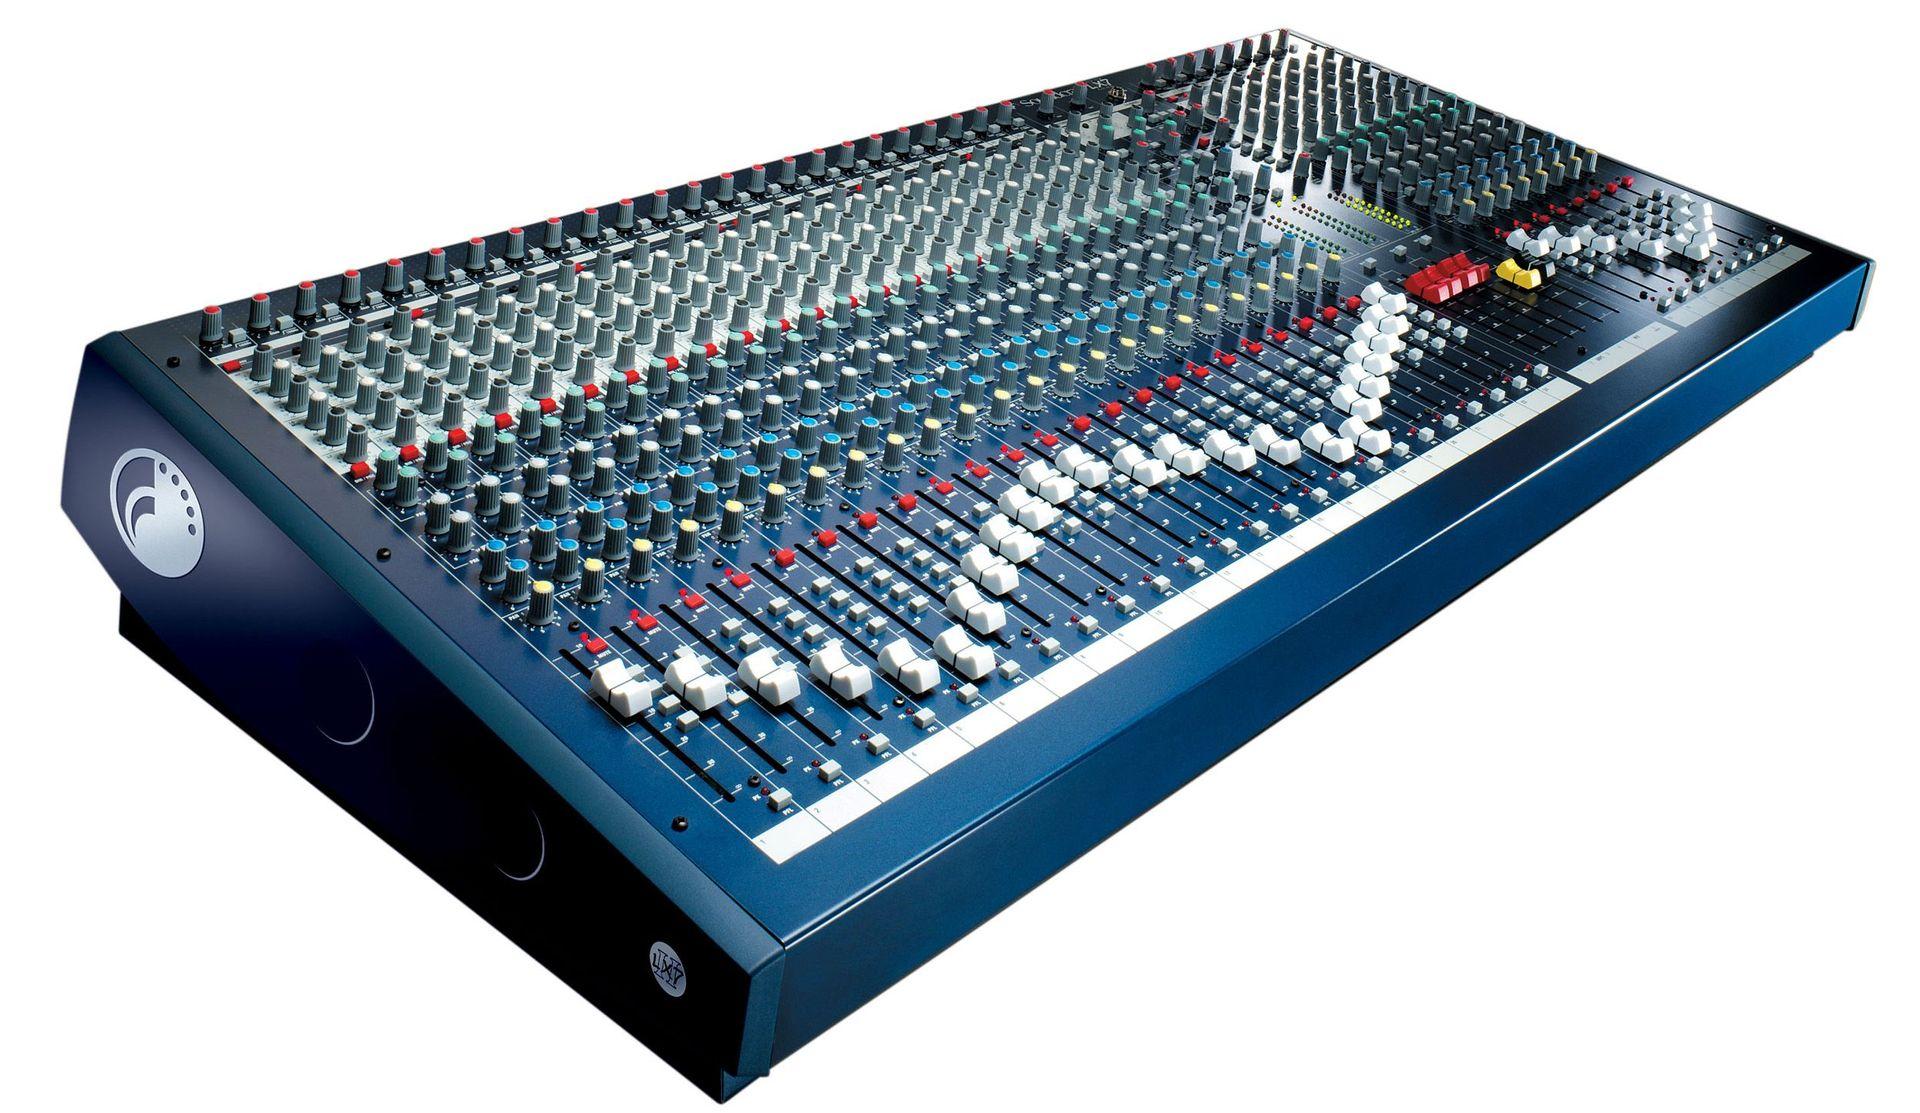 Soundcraft LX7 II 32 Mixer, Mischpult, 32 Mikrofoneingänge, 2 StereoInputs, EQ